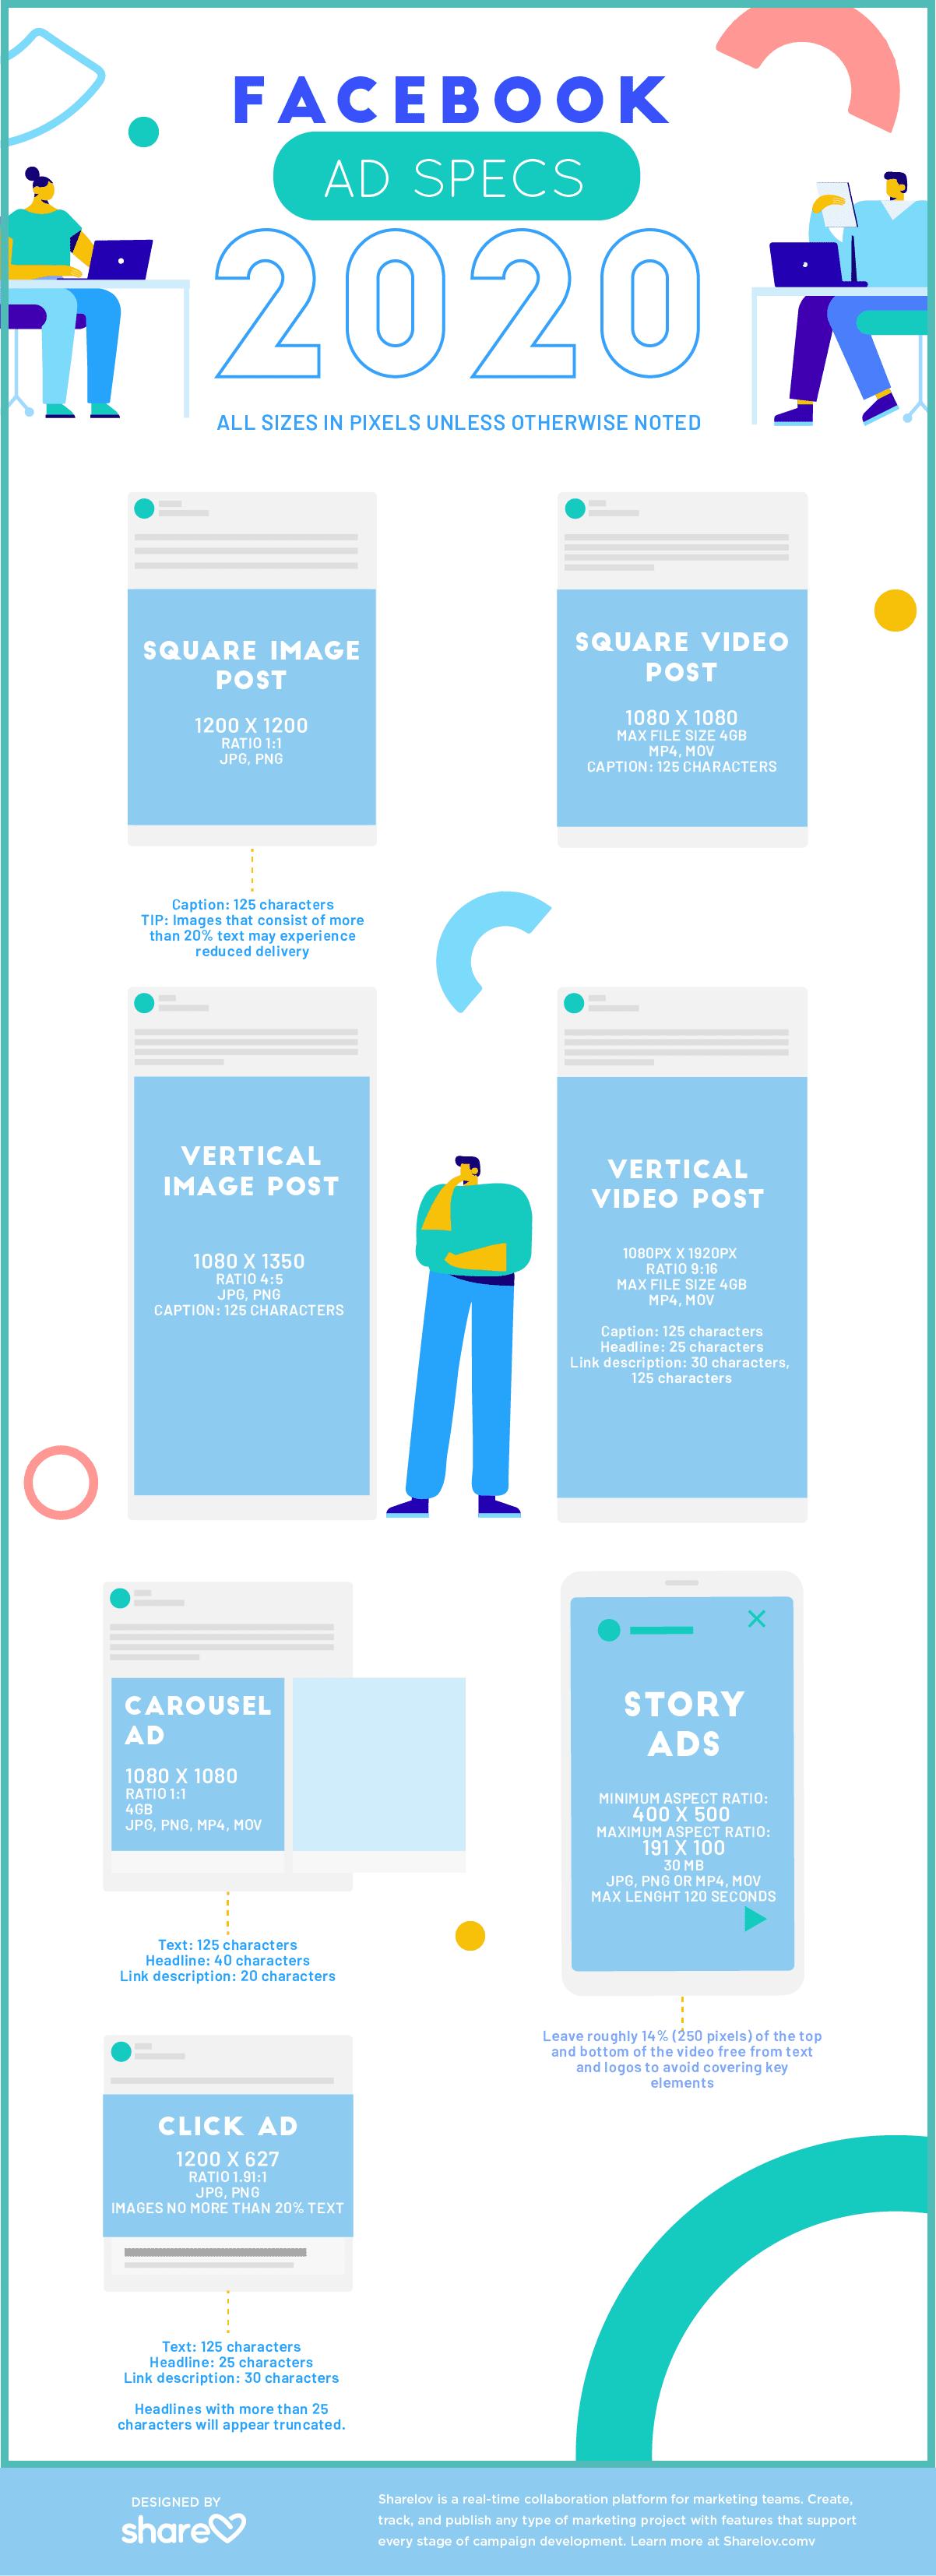 Facebook Ad Specs 2020 infographic